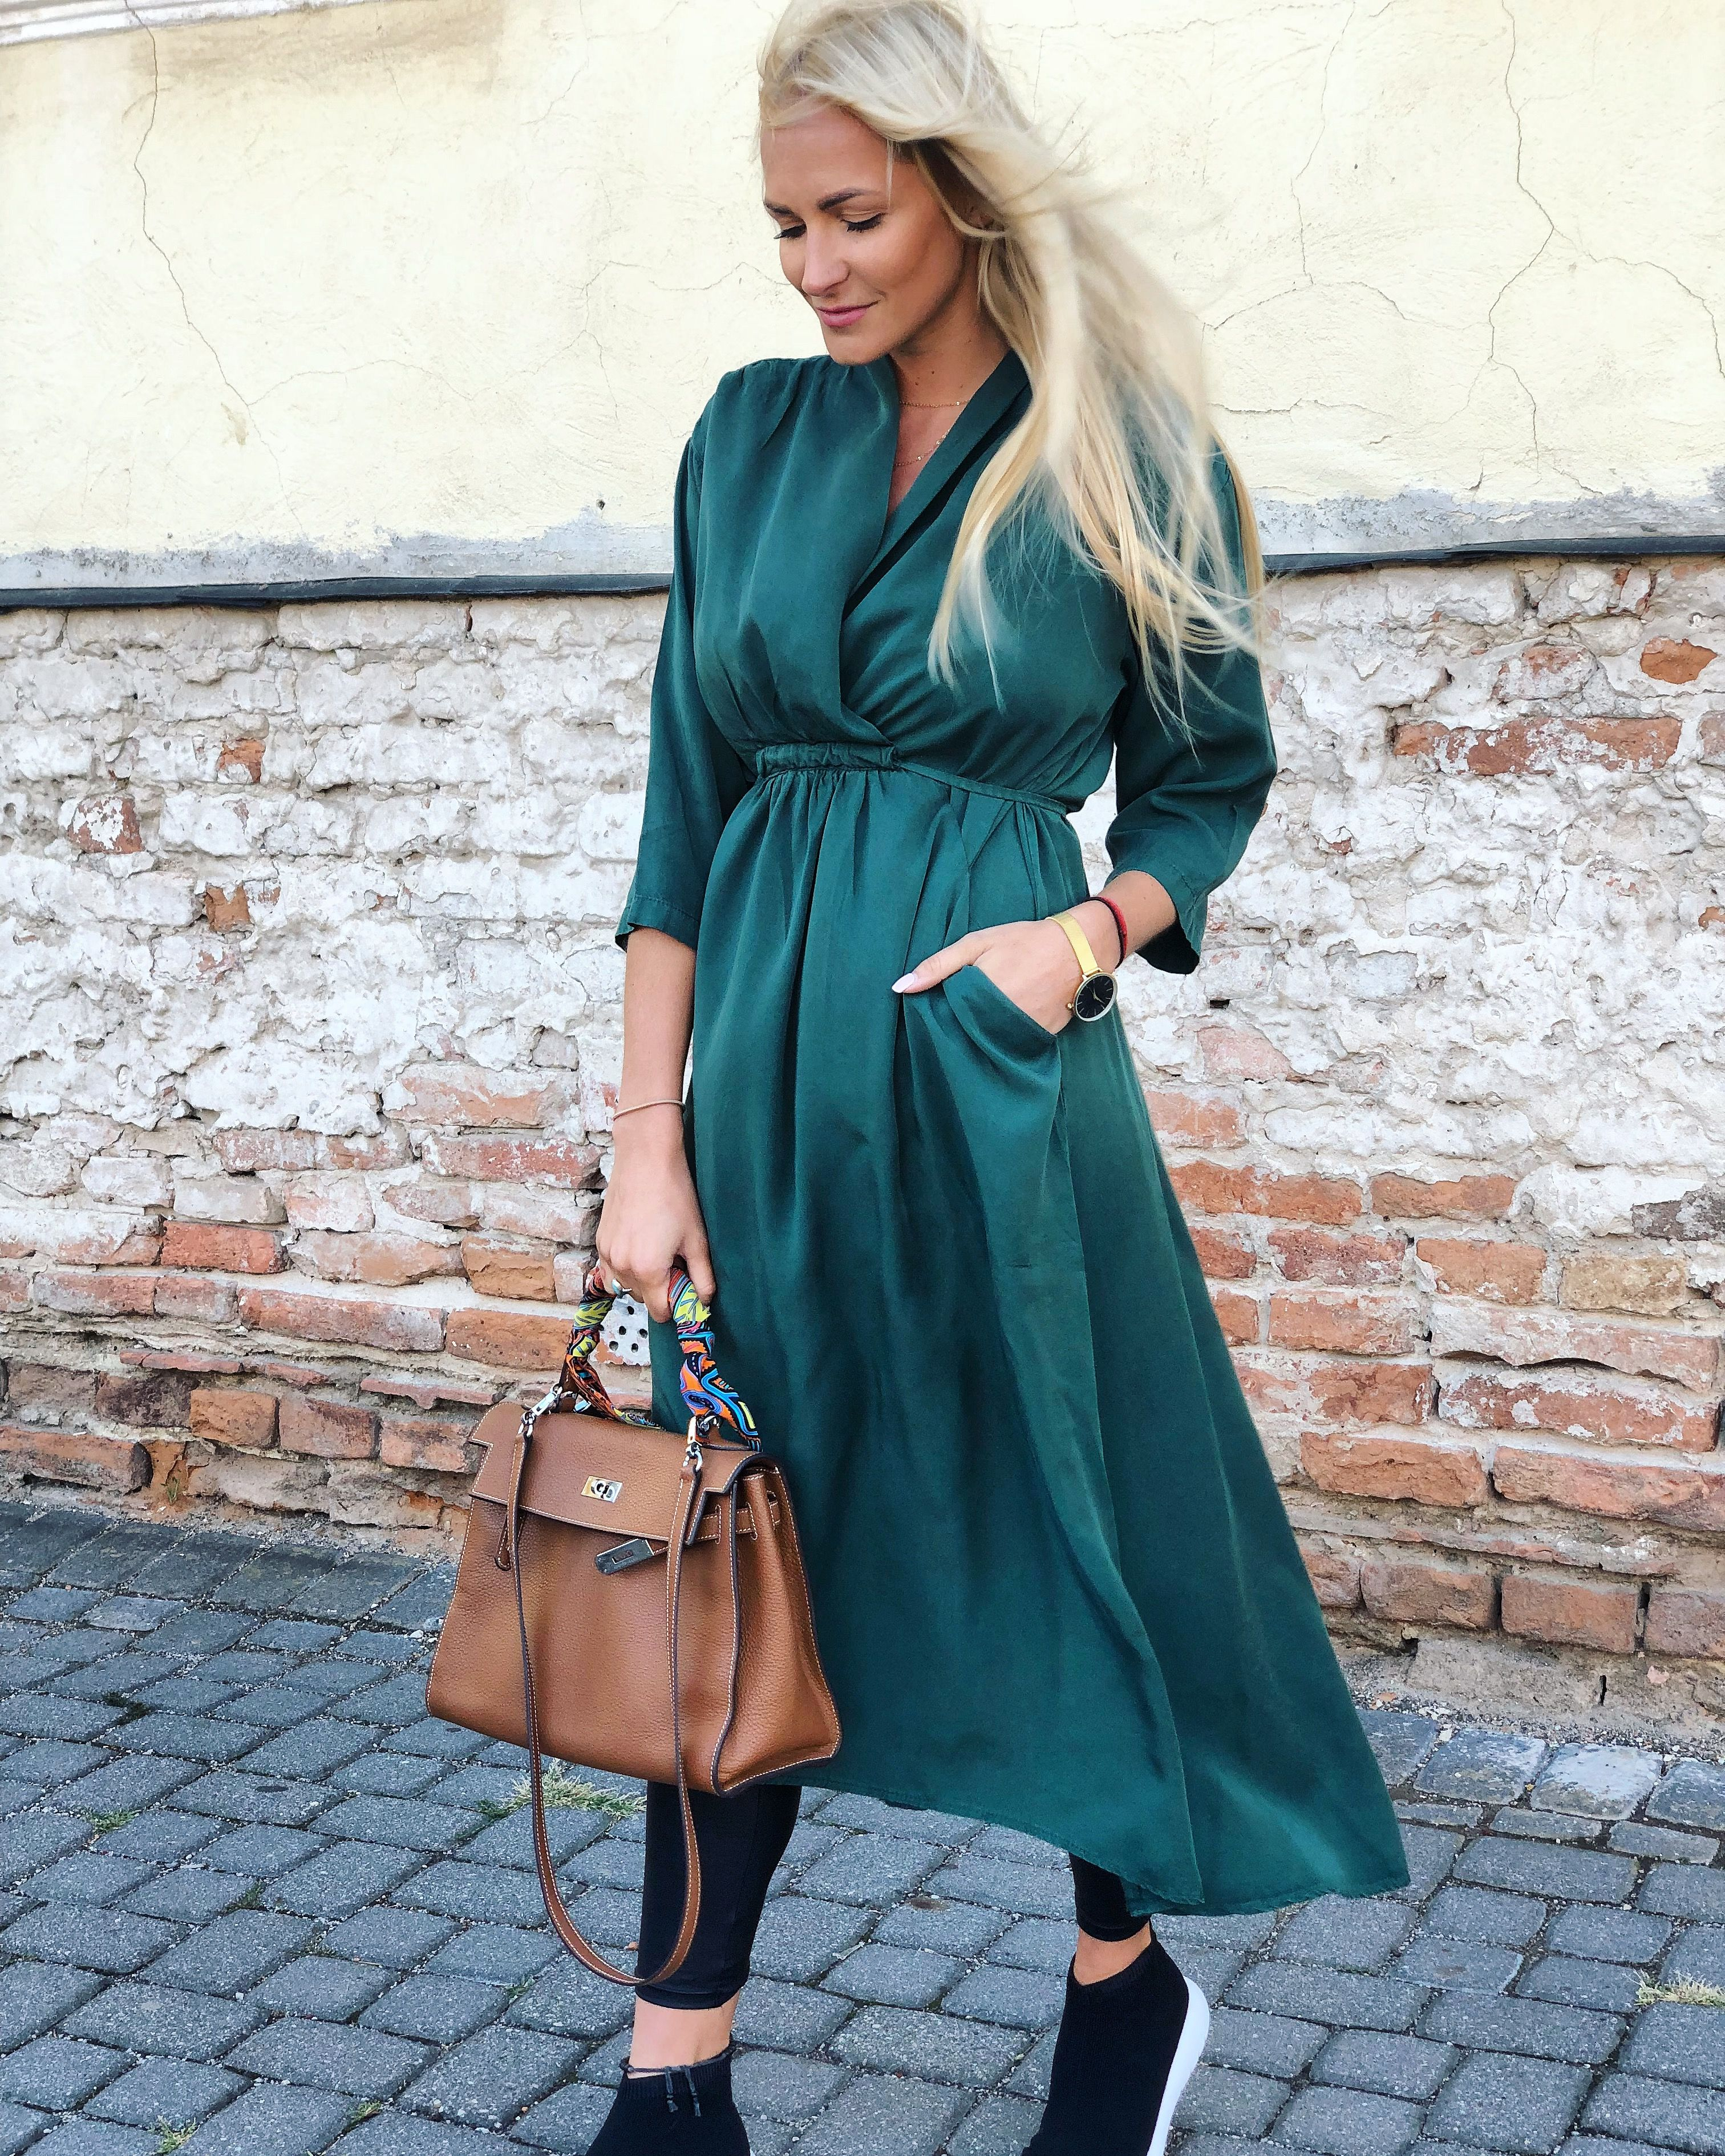 fda8f8a95 Dámske oblečenie, štýlové oblečenie, Dámska móda, | Veci na ...